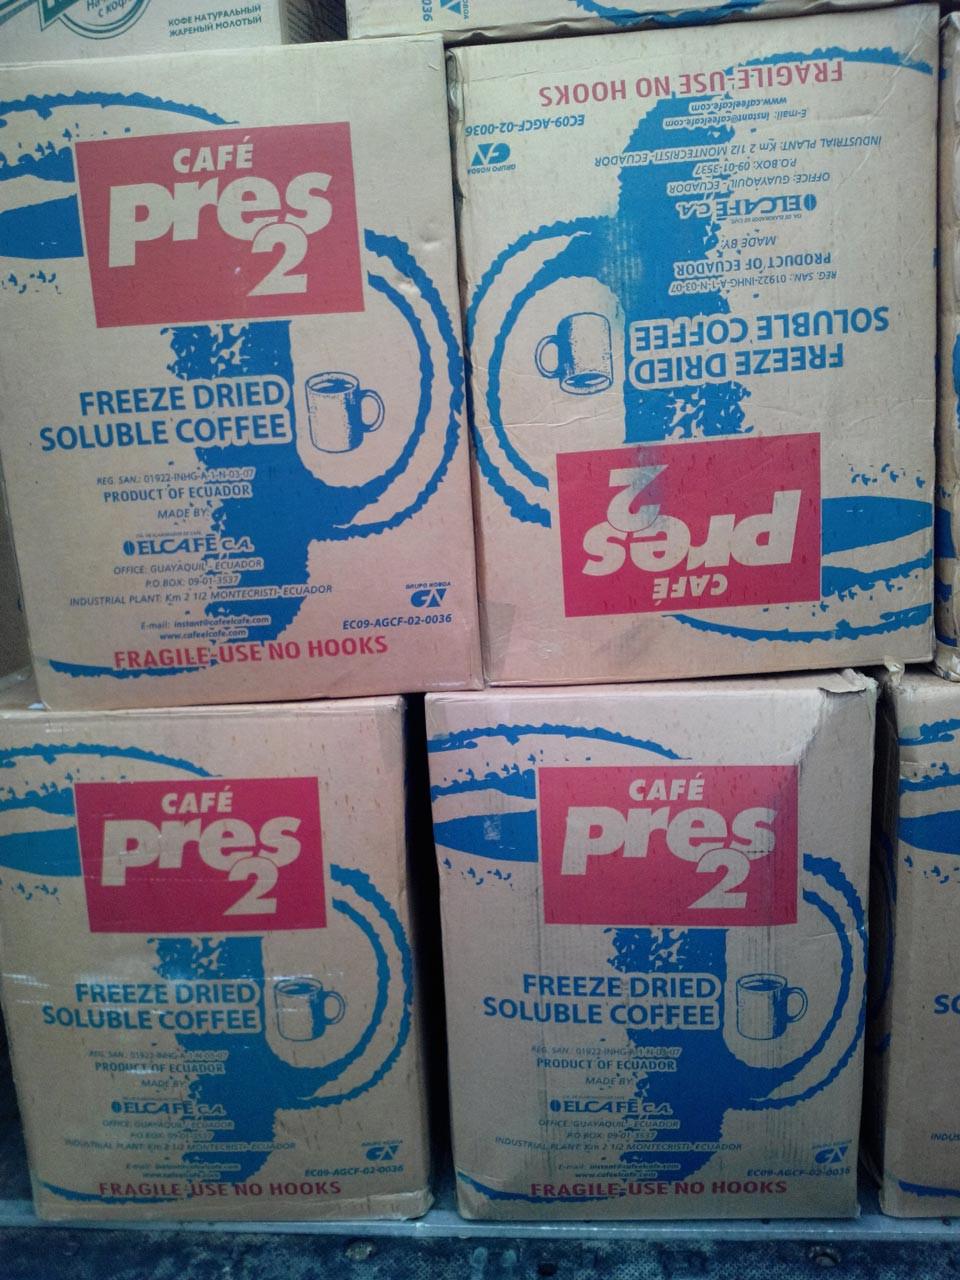 Растворимый кофе El Cafe Pres-2 (Эквадор, прес-2), 25 кг